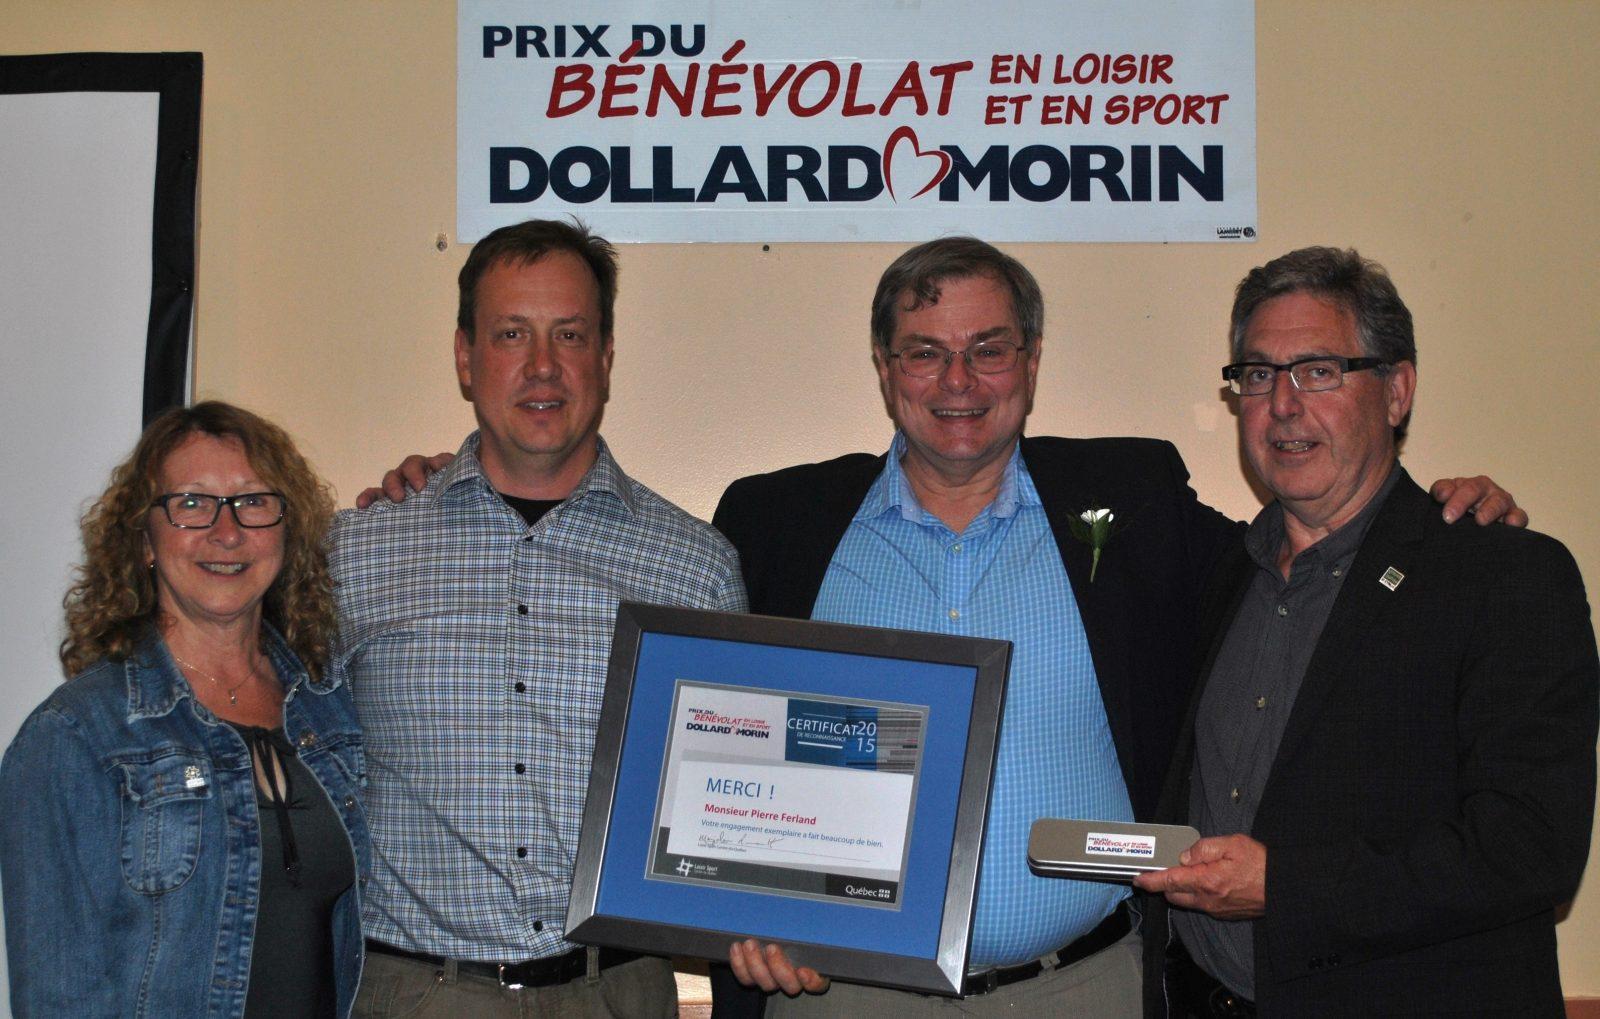 Pierre Ferland lauréat du Prix Dollard-Morin au Centre-du-Québec